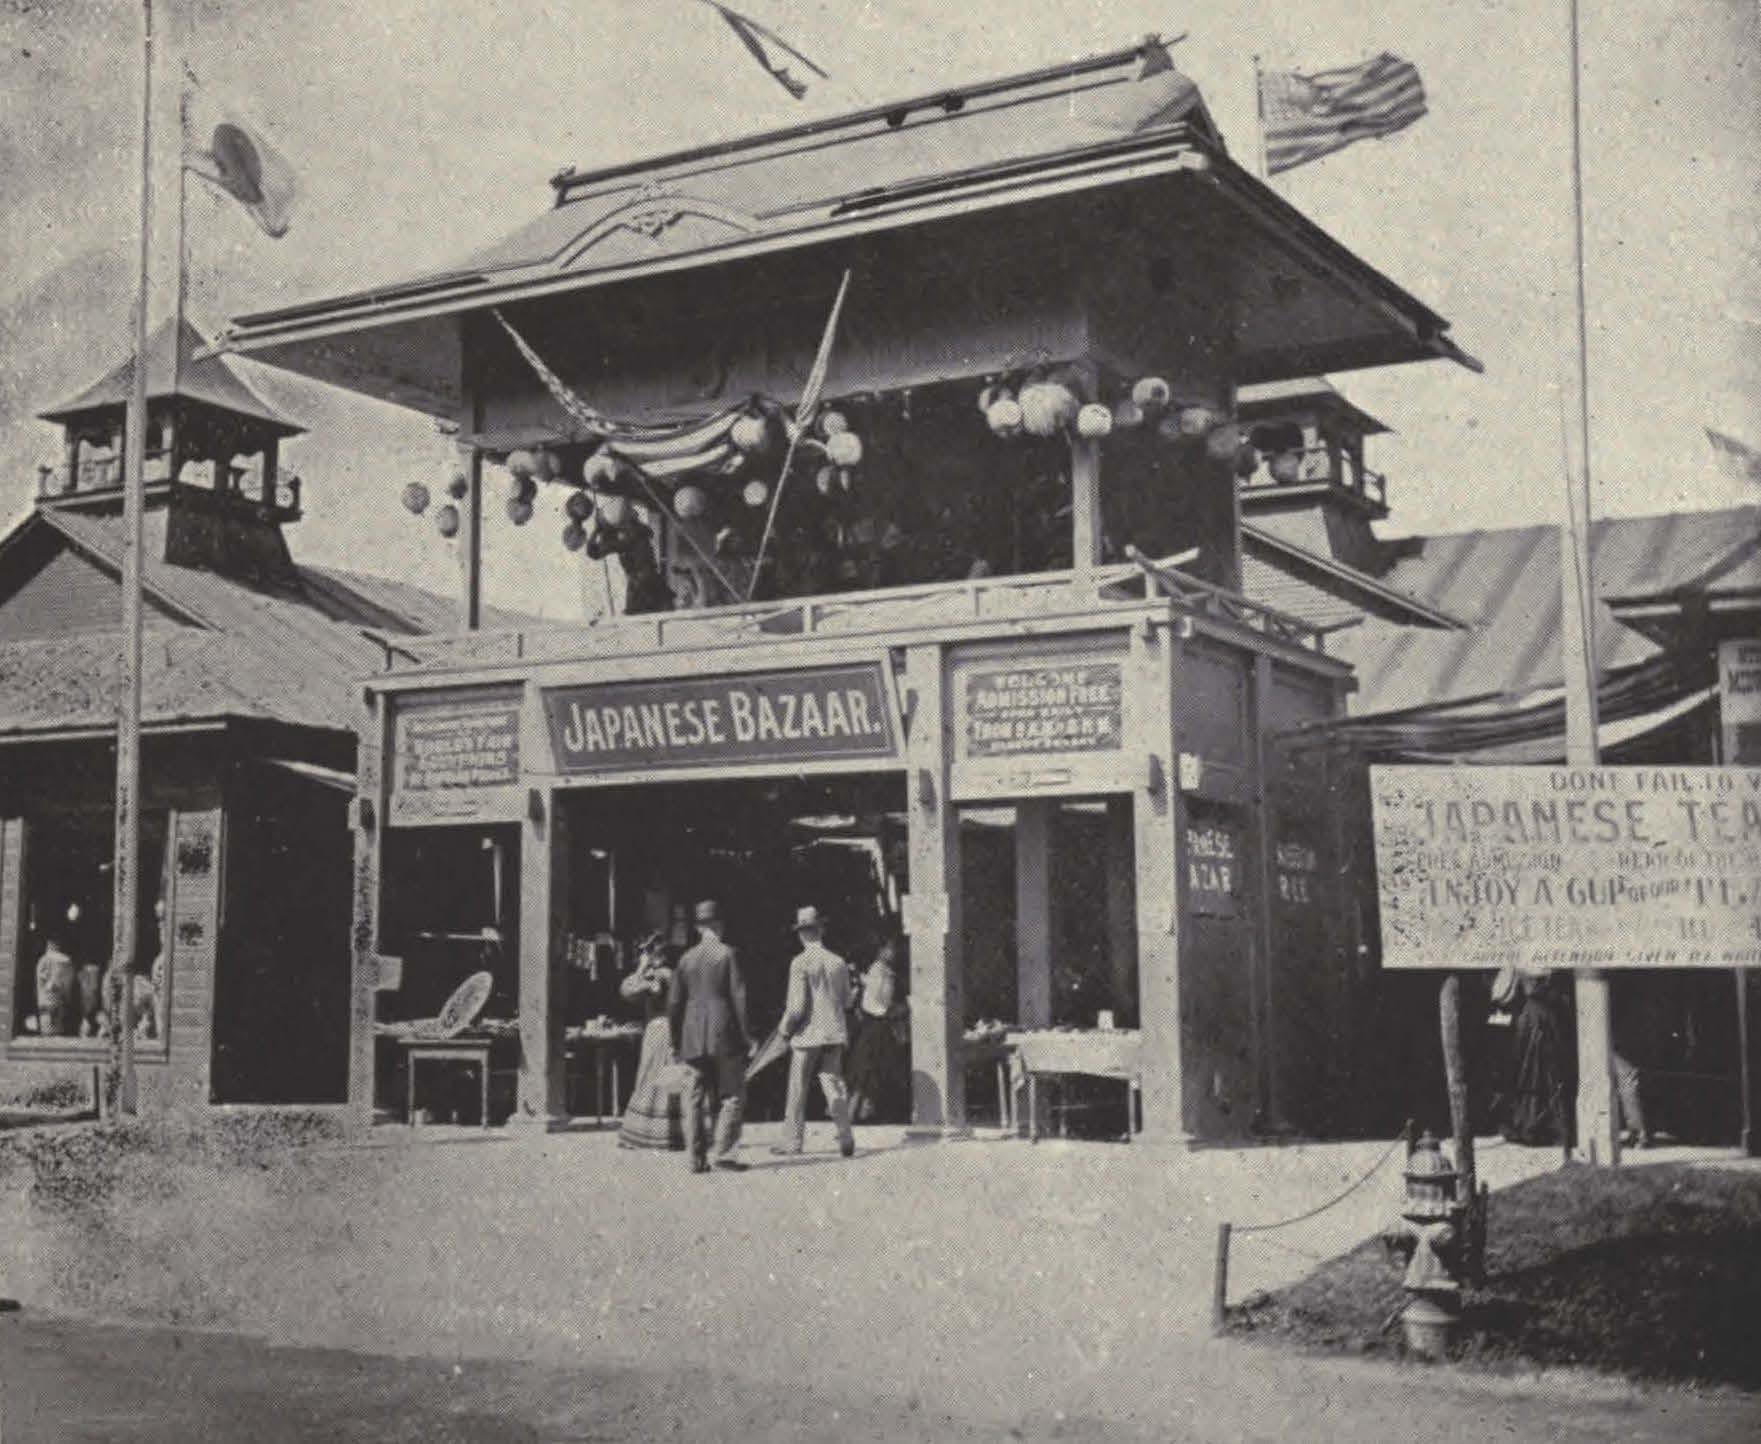 The Japanese Bazaar